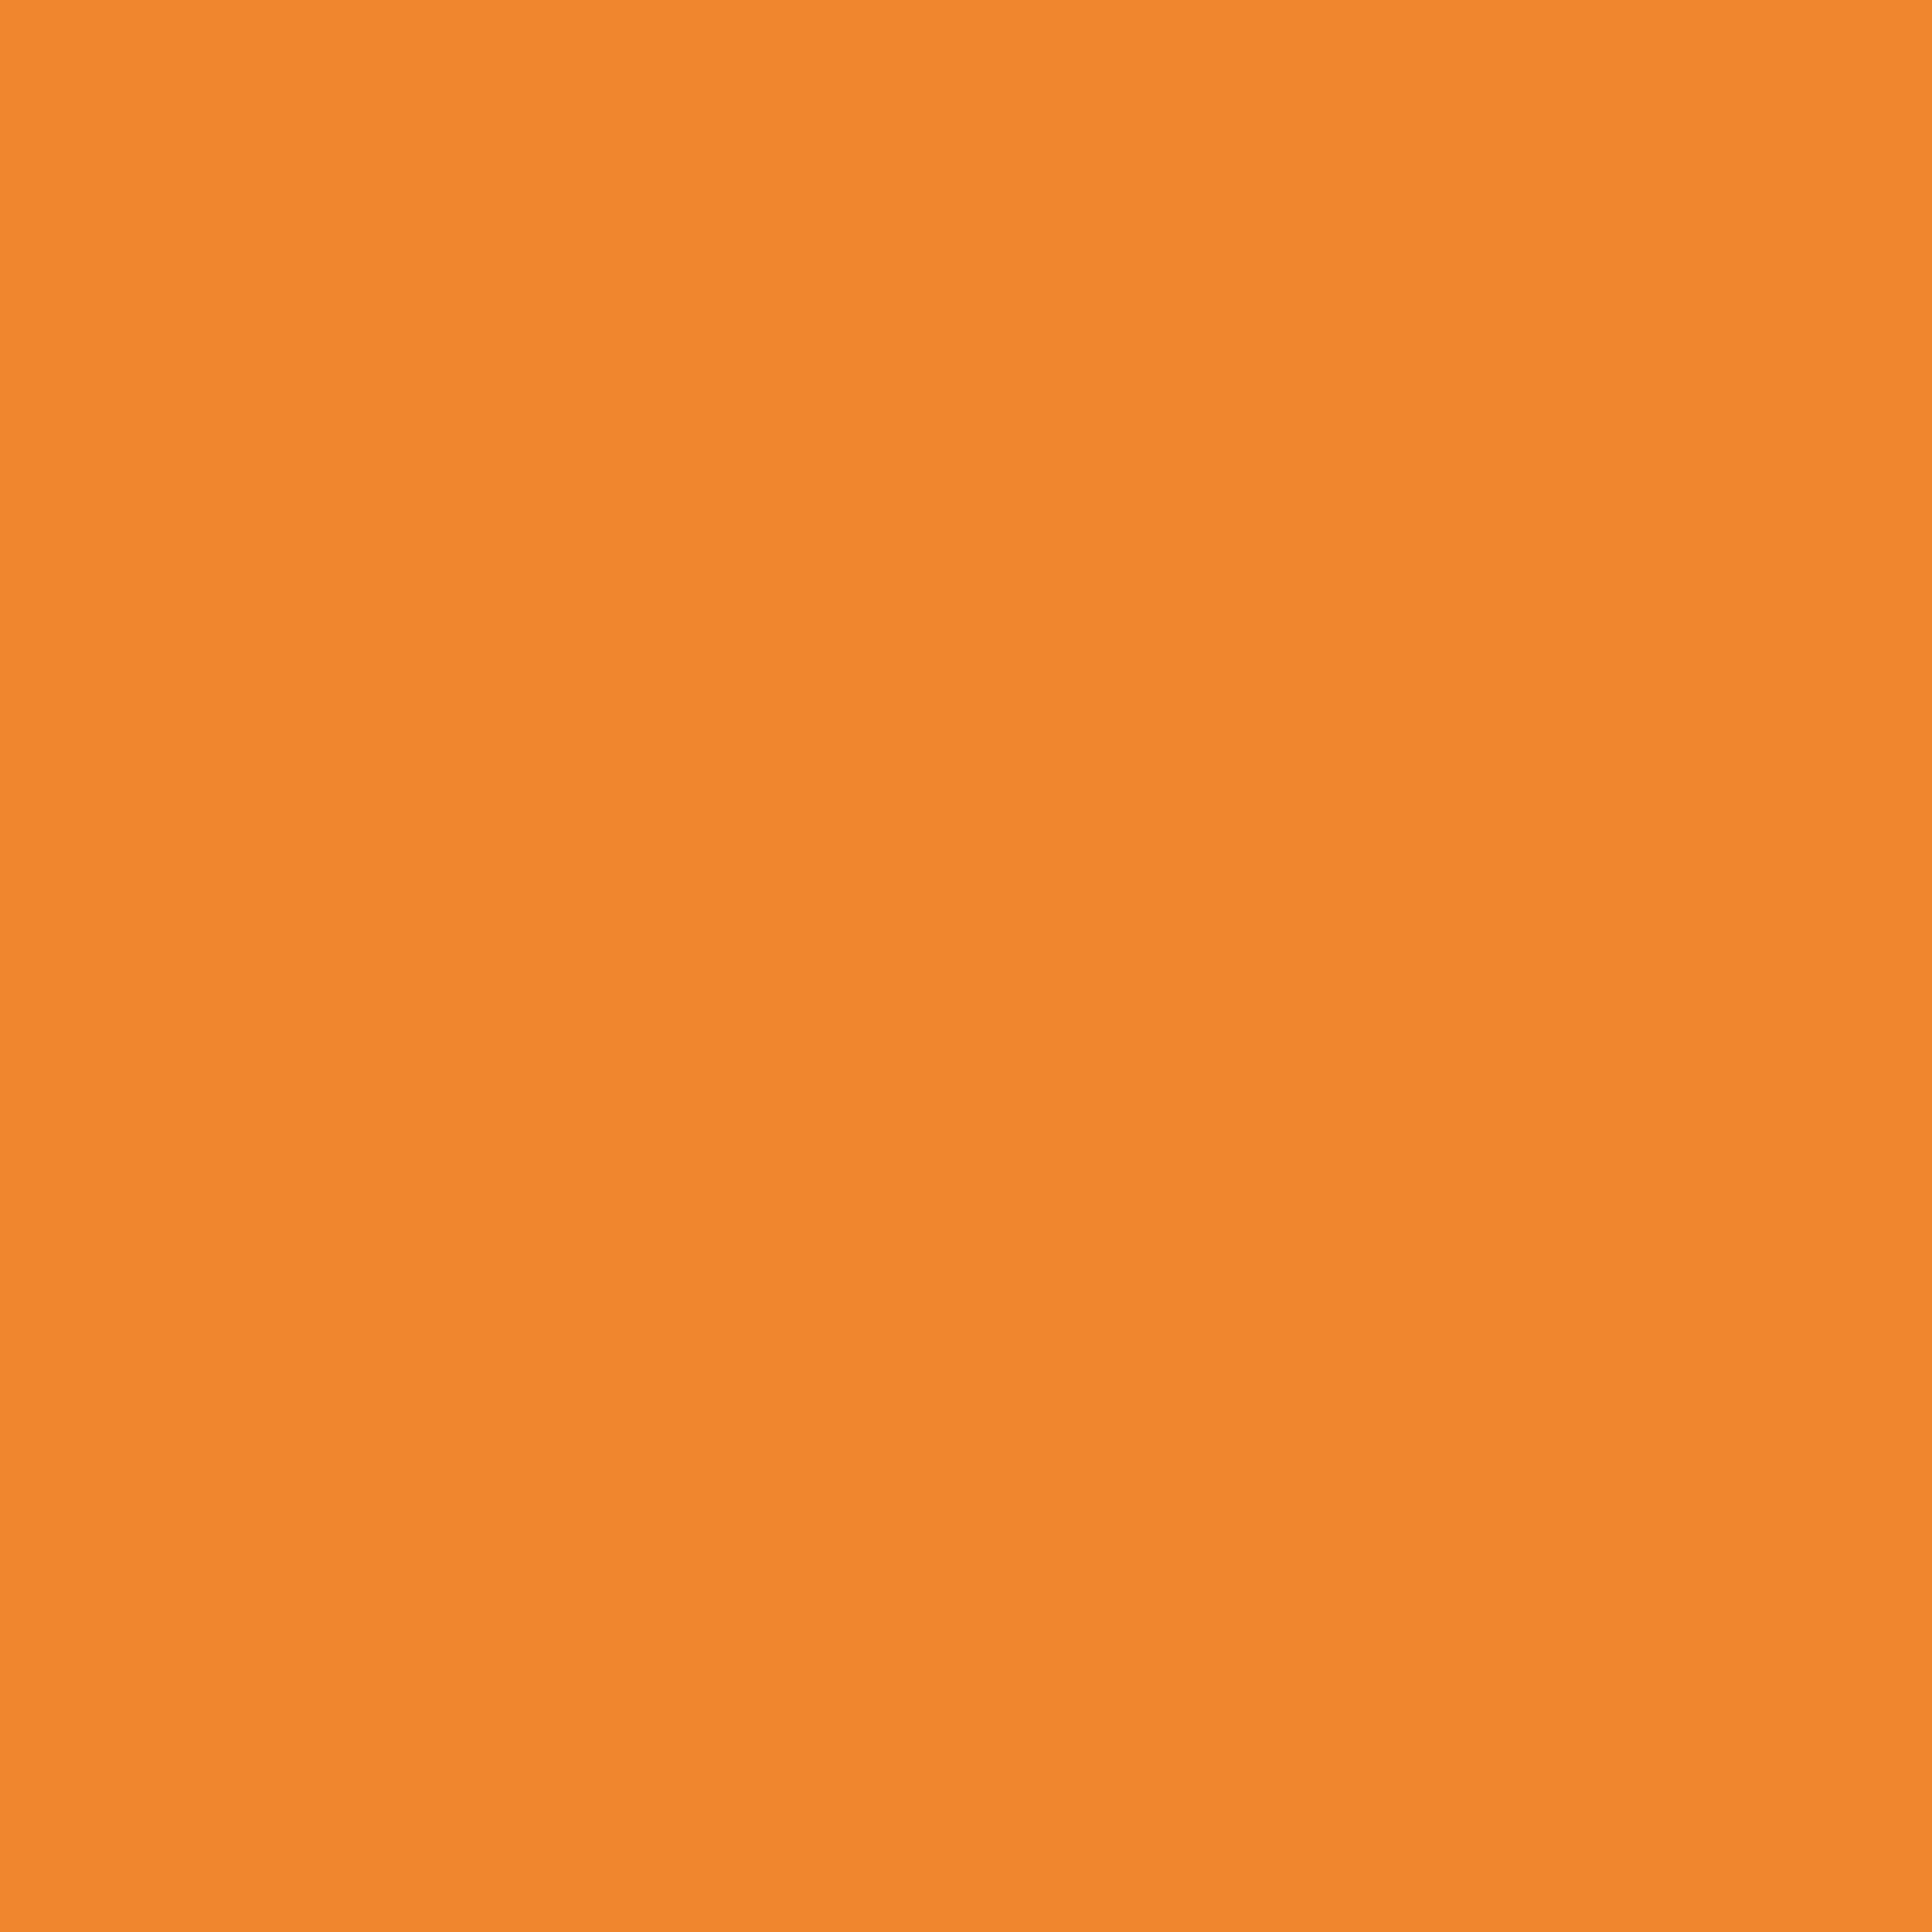 2048x2048 Cadmium Orange Solid Color Background